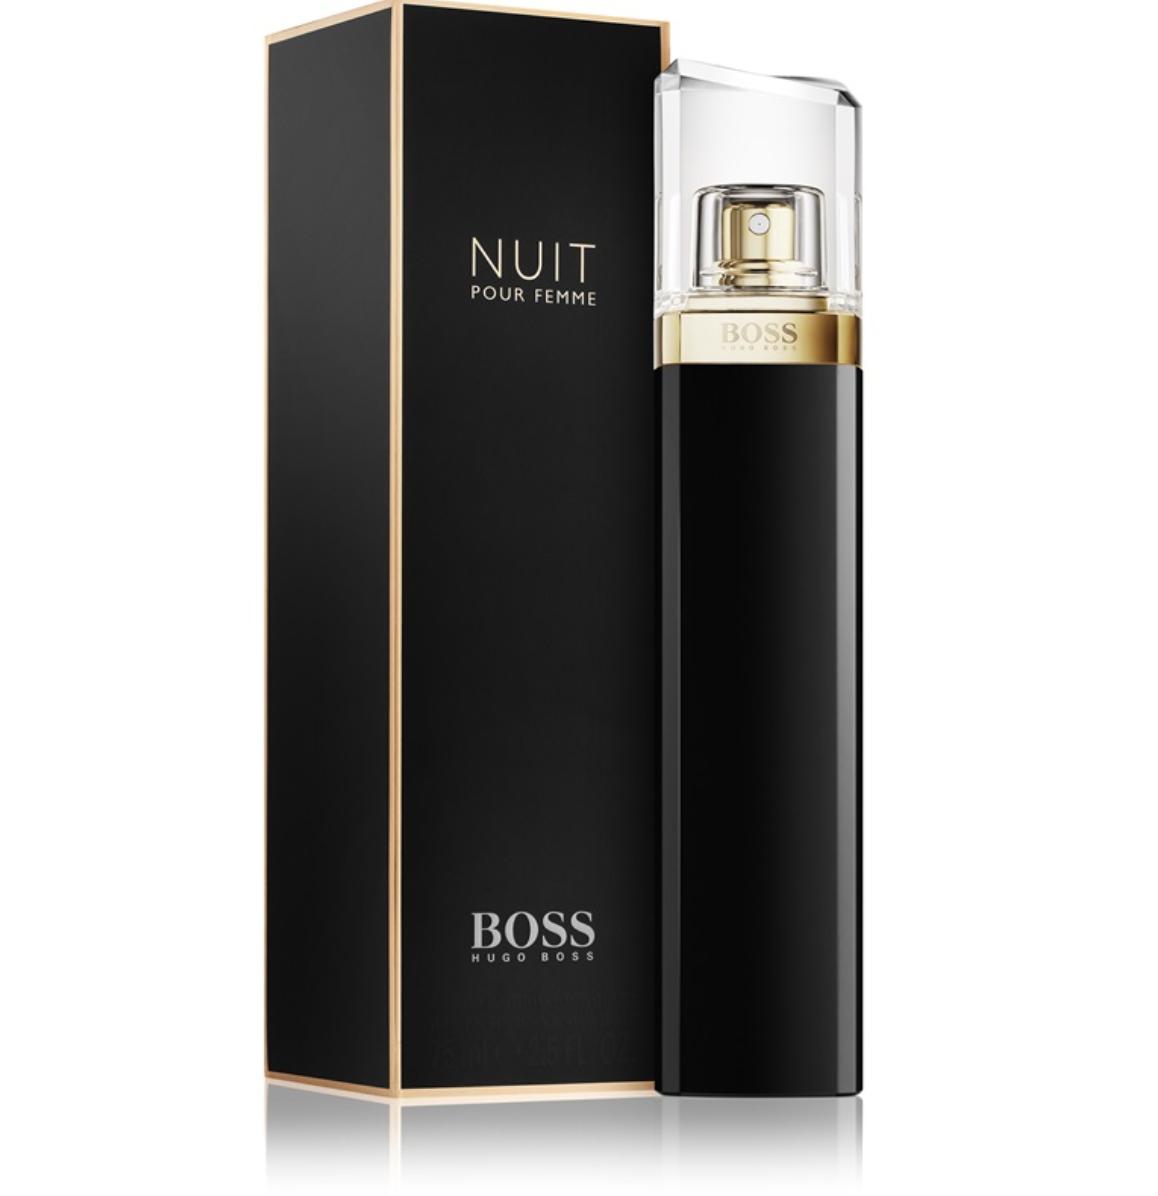 Hugo Boss - Nuit Femme - eau de parfum